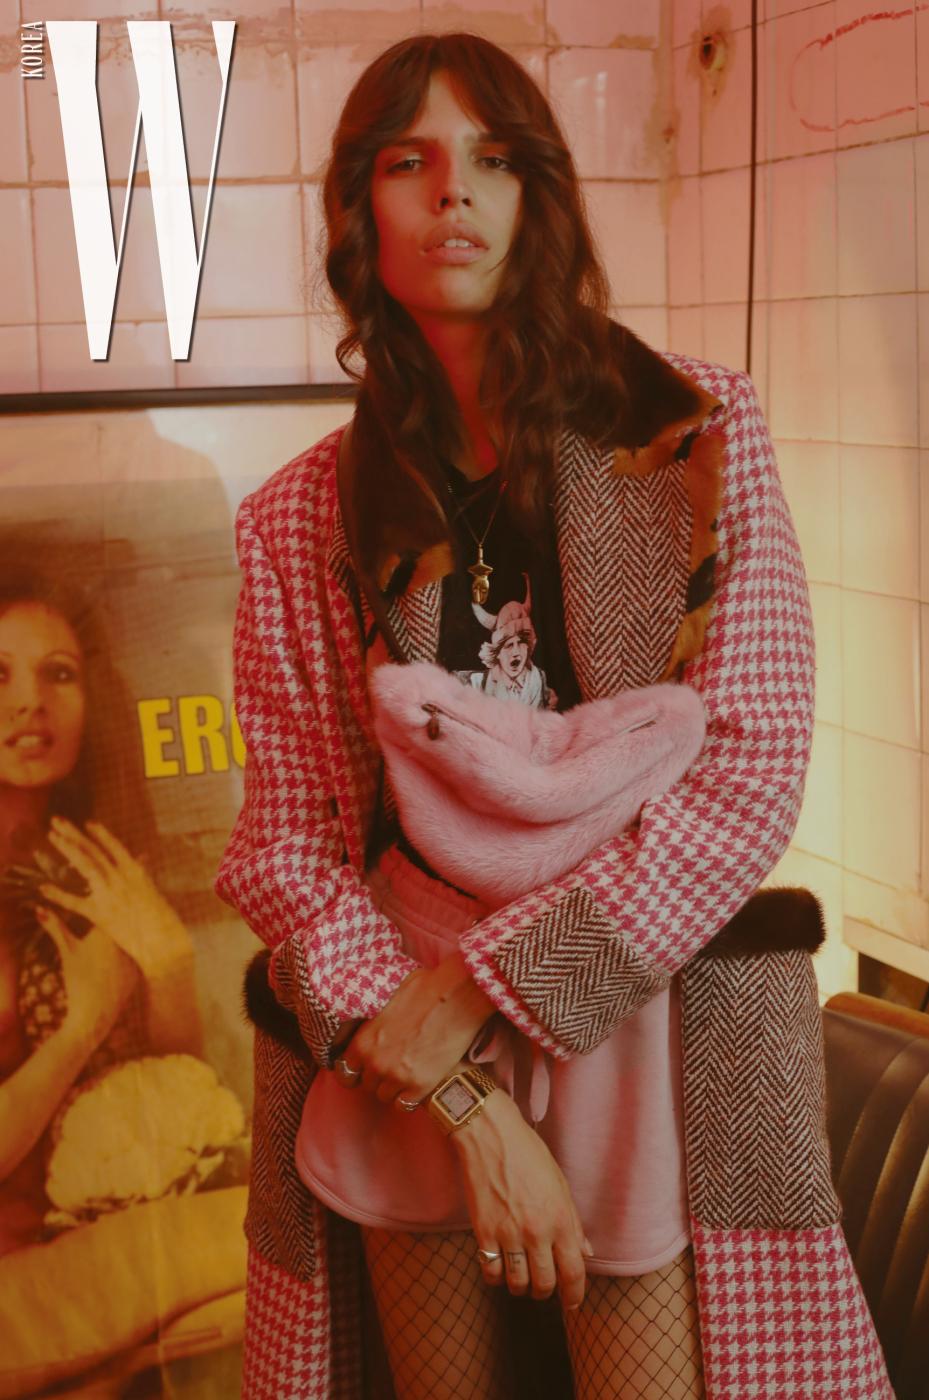 하운즈투스 체크 코트, 핑크색 퍼 크로스백은 Simonetta Ravizza 제품. 우드키드 티셔츠, 쇼츠는 모두 스타일리스트 소장품.